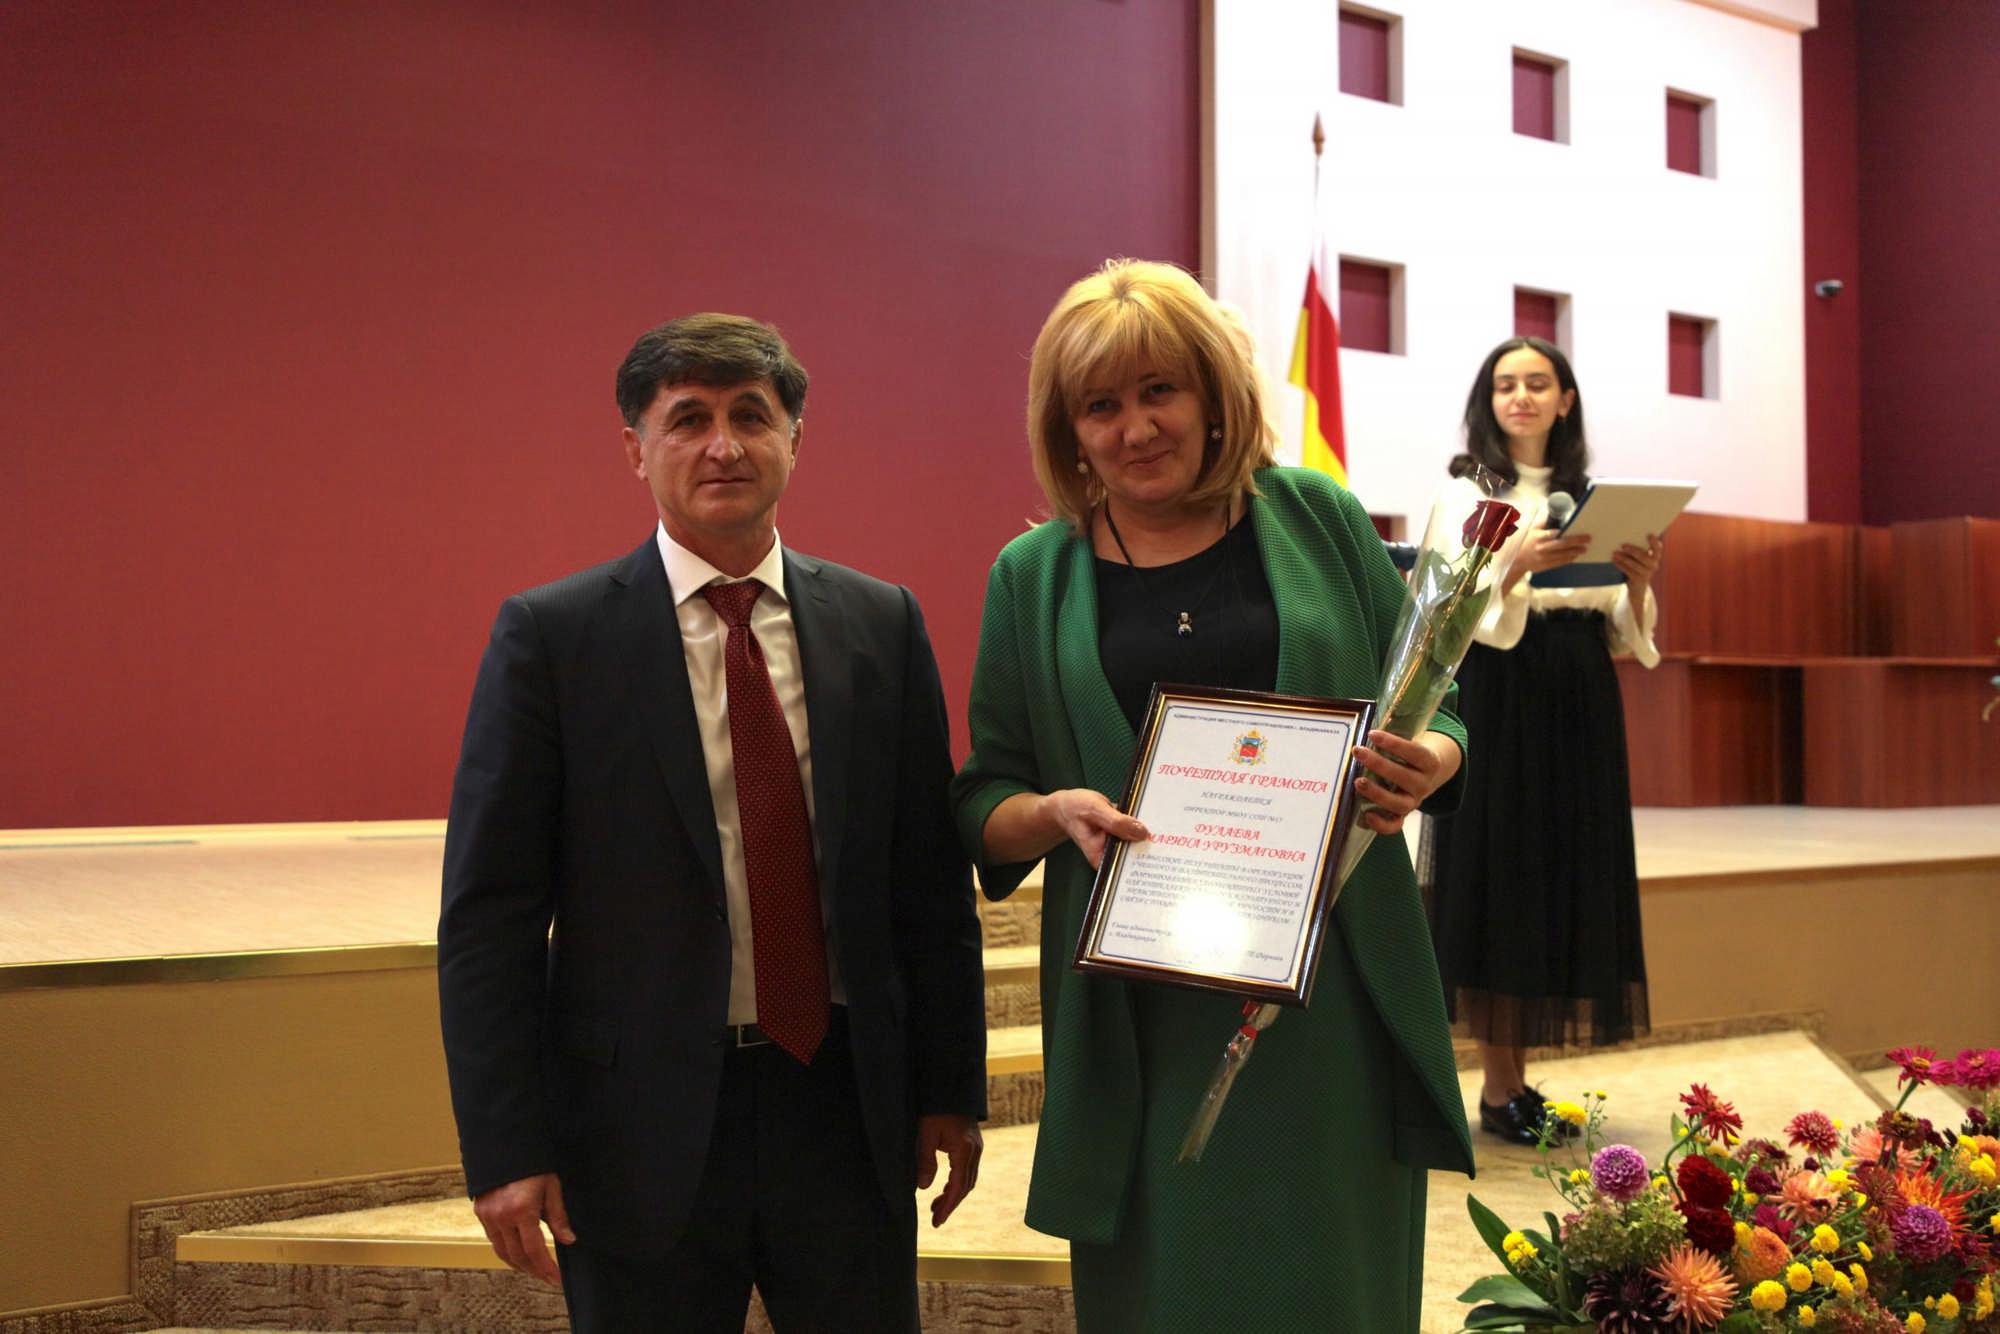 Во Владикавказа поздравили учителей с профессиональным праздником